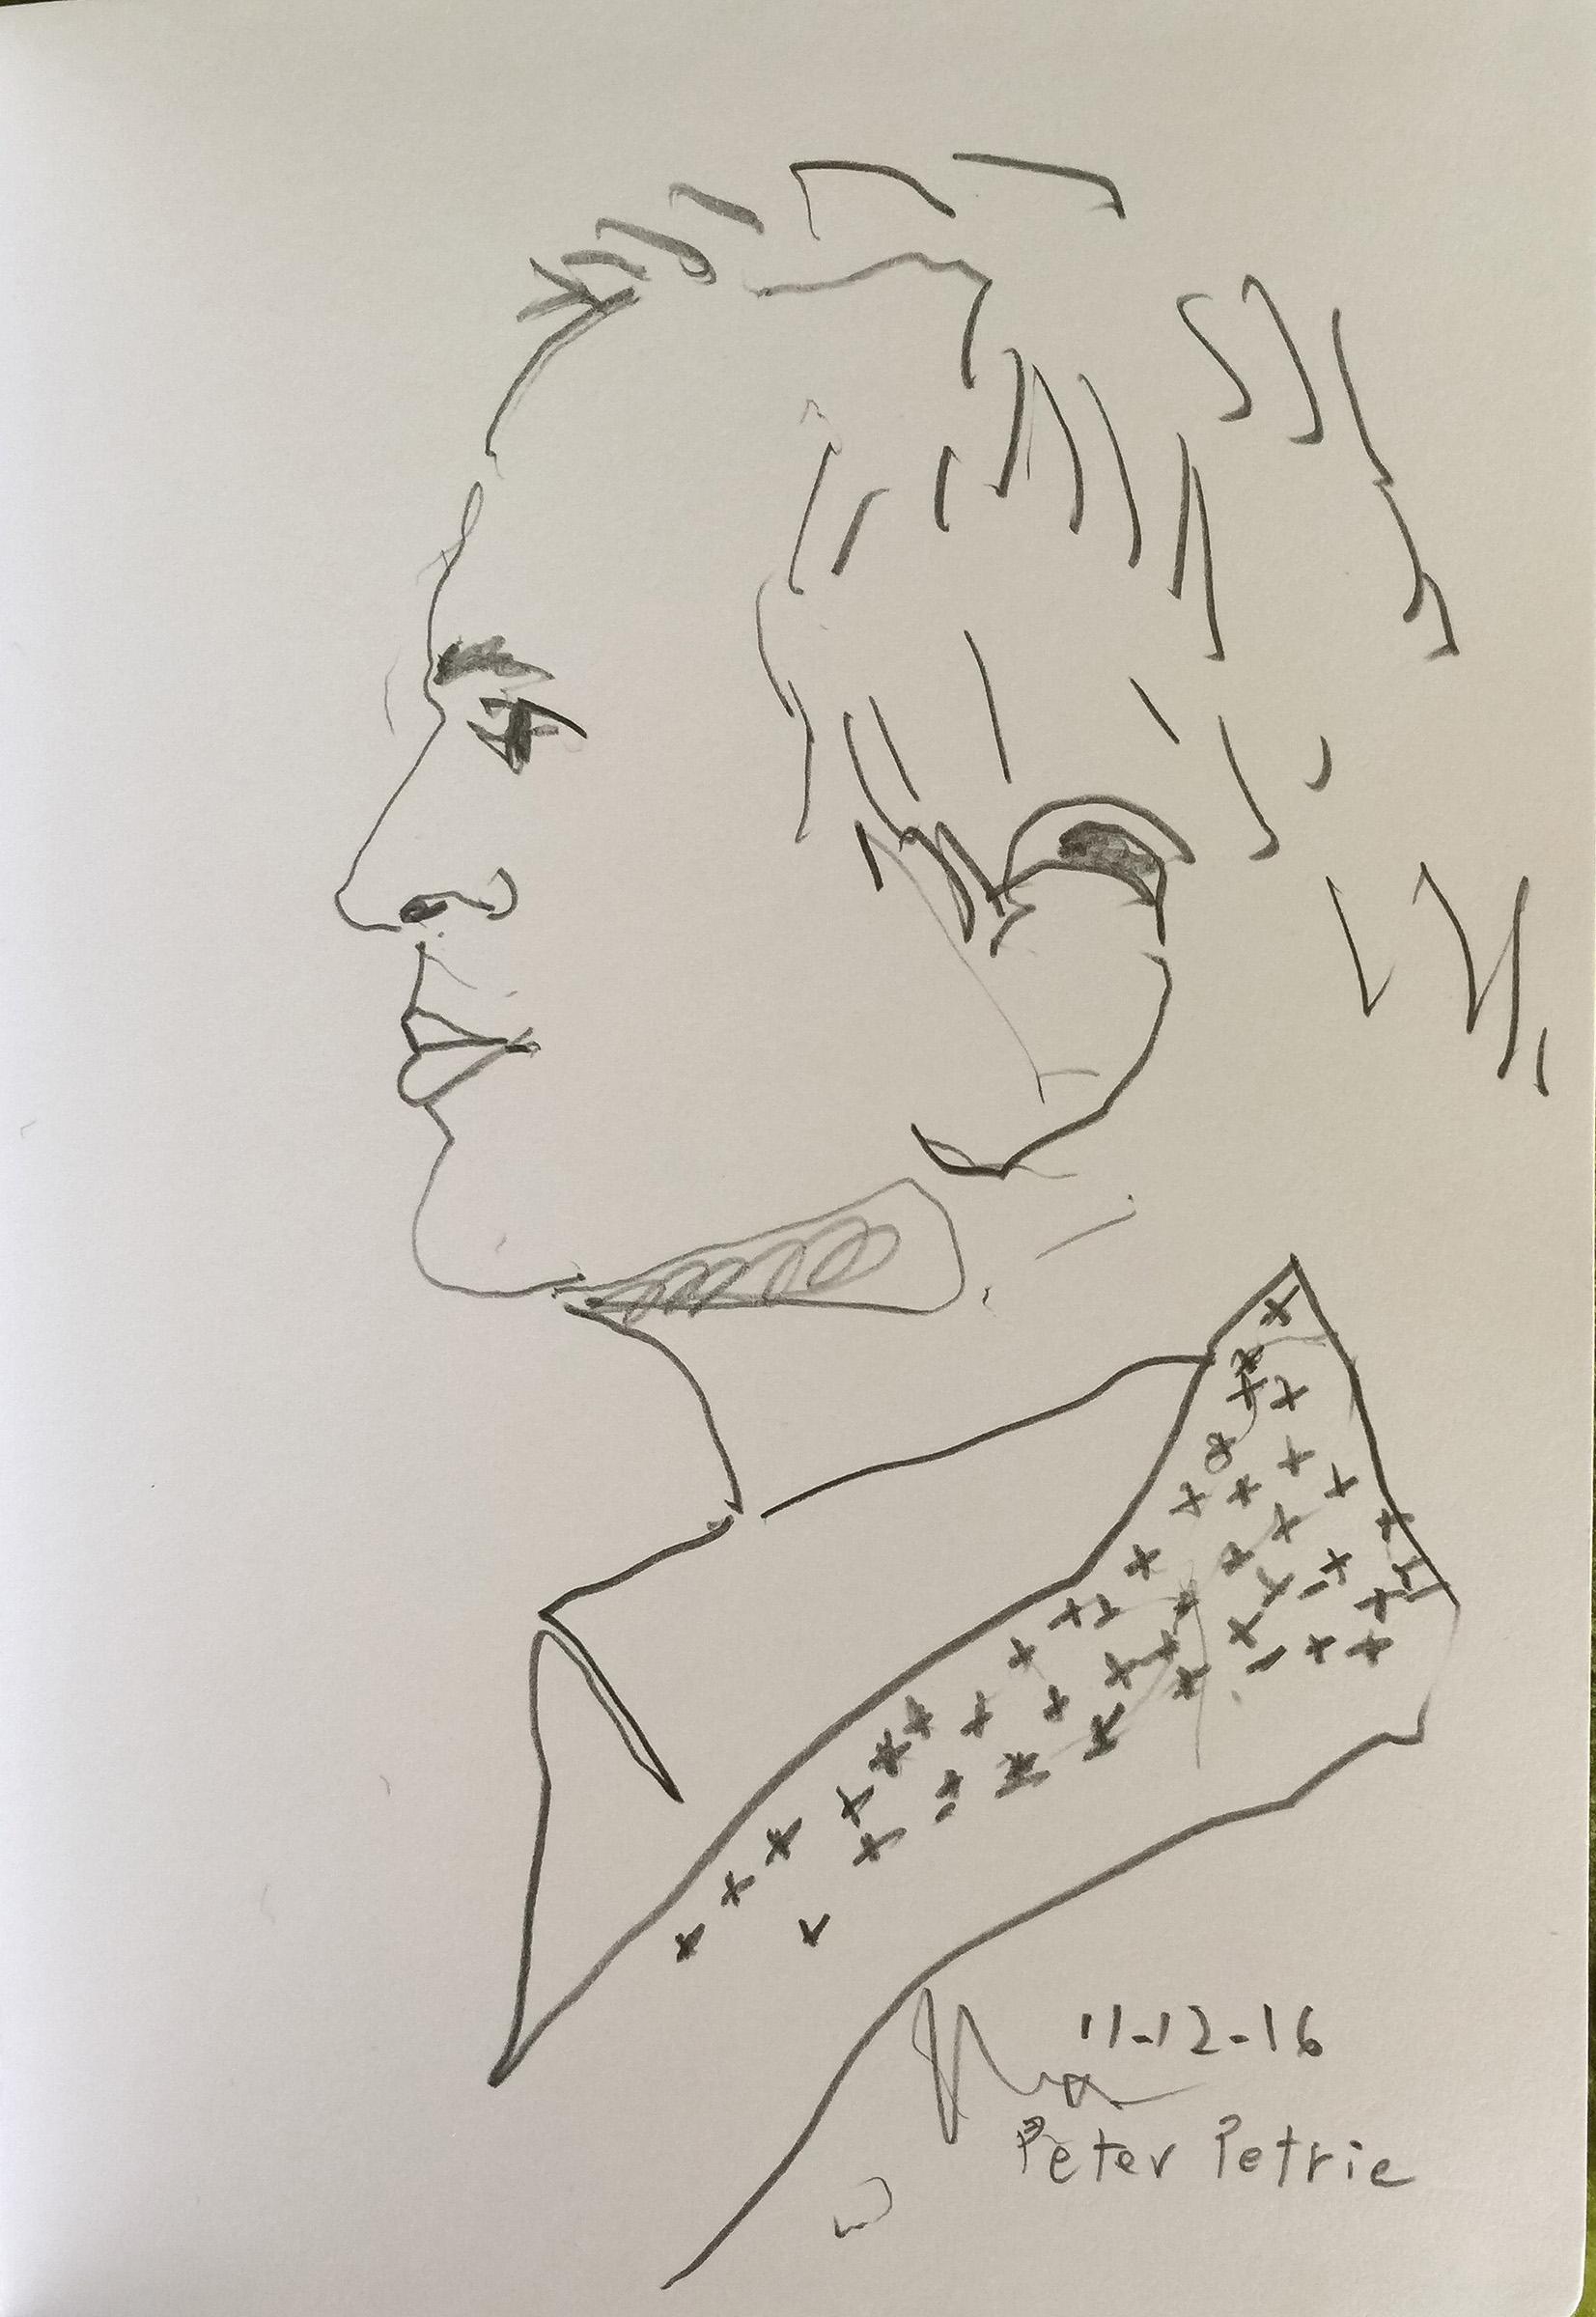 SITE-11-12-16 drawing.jpg